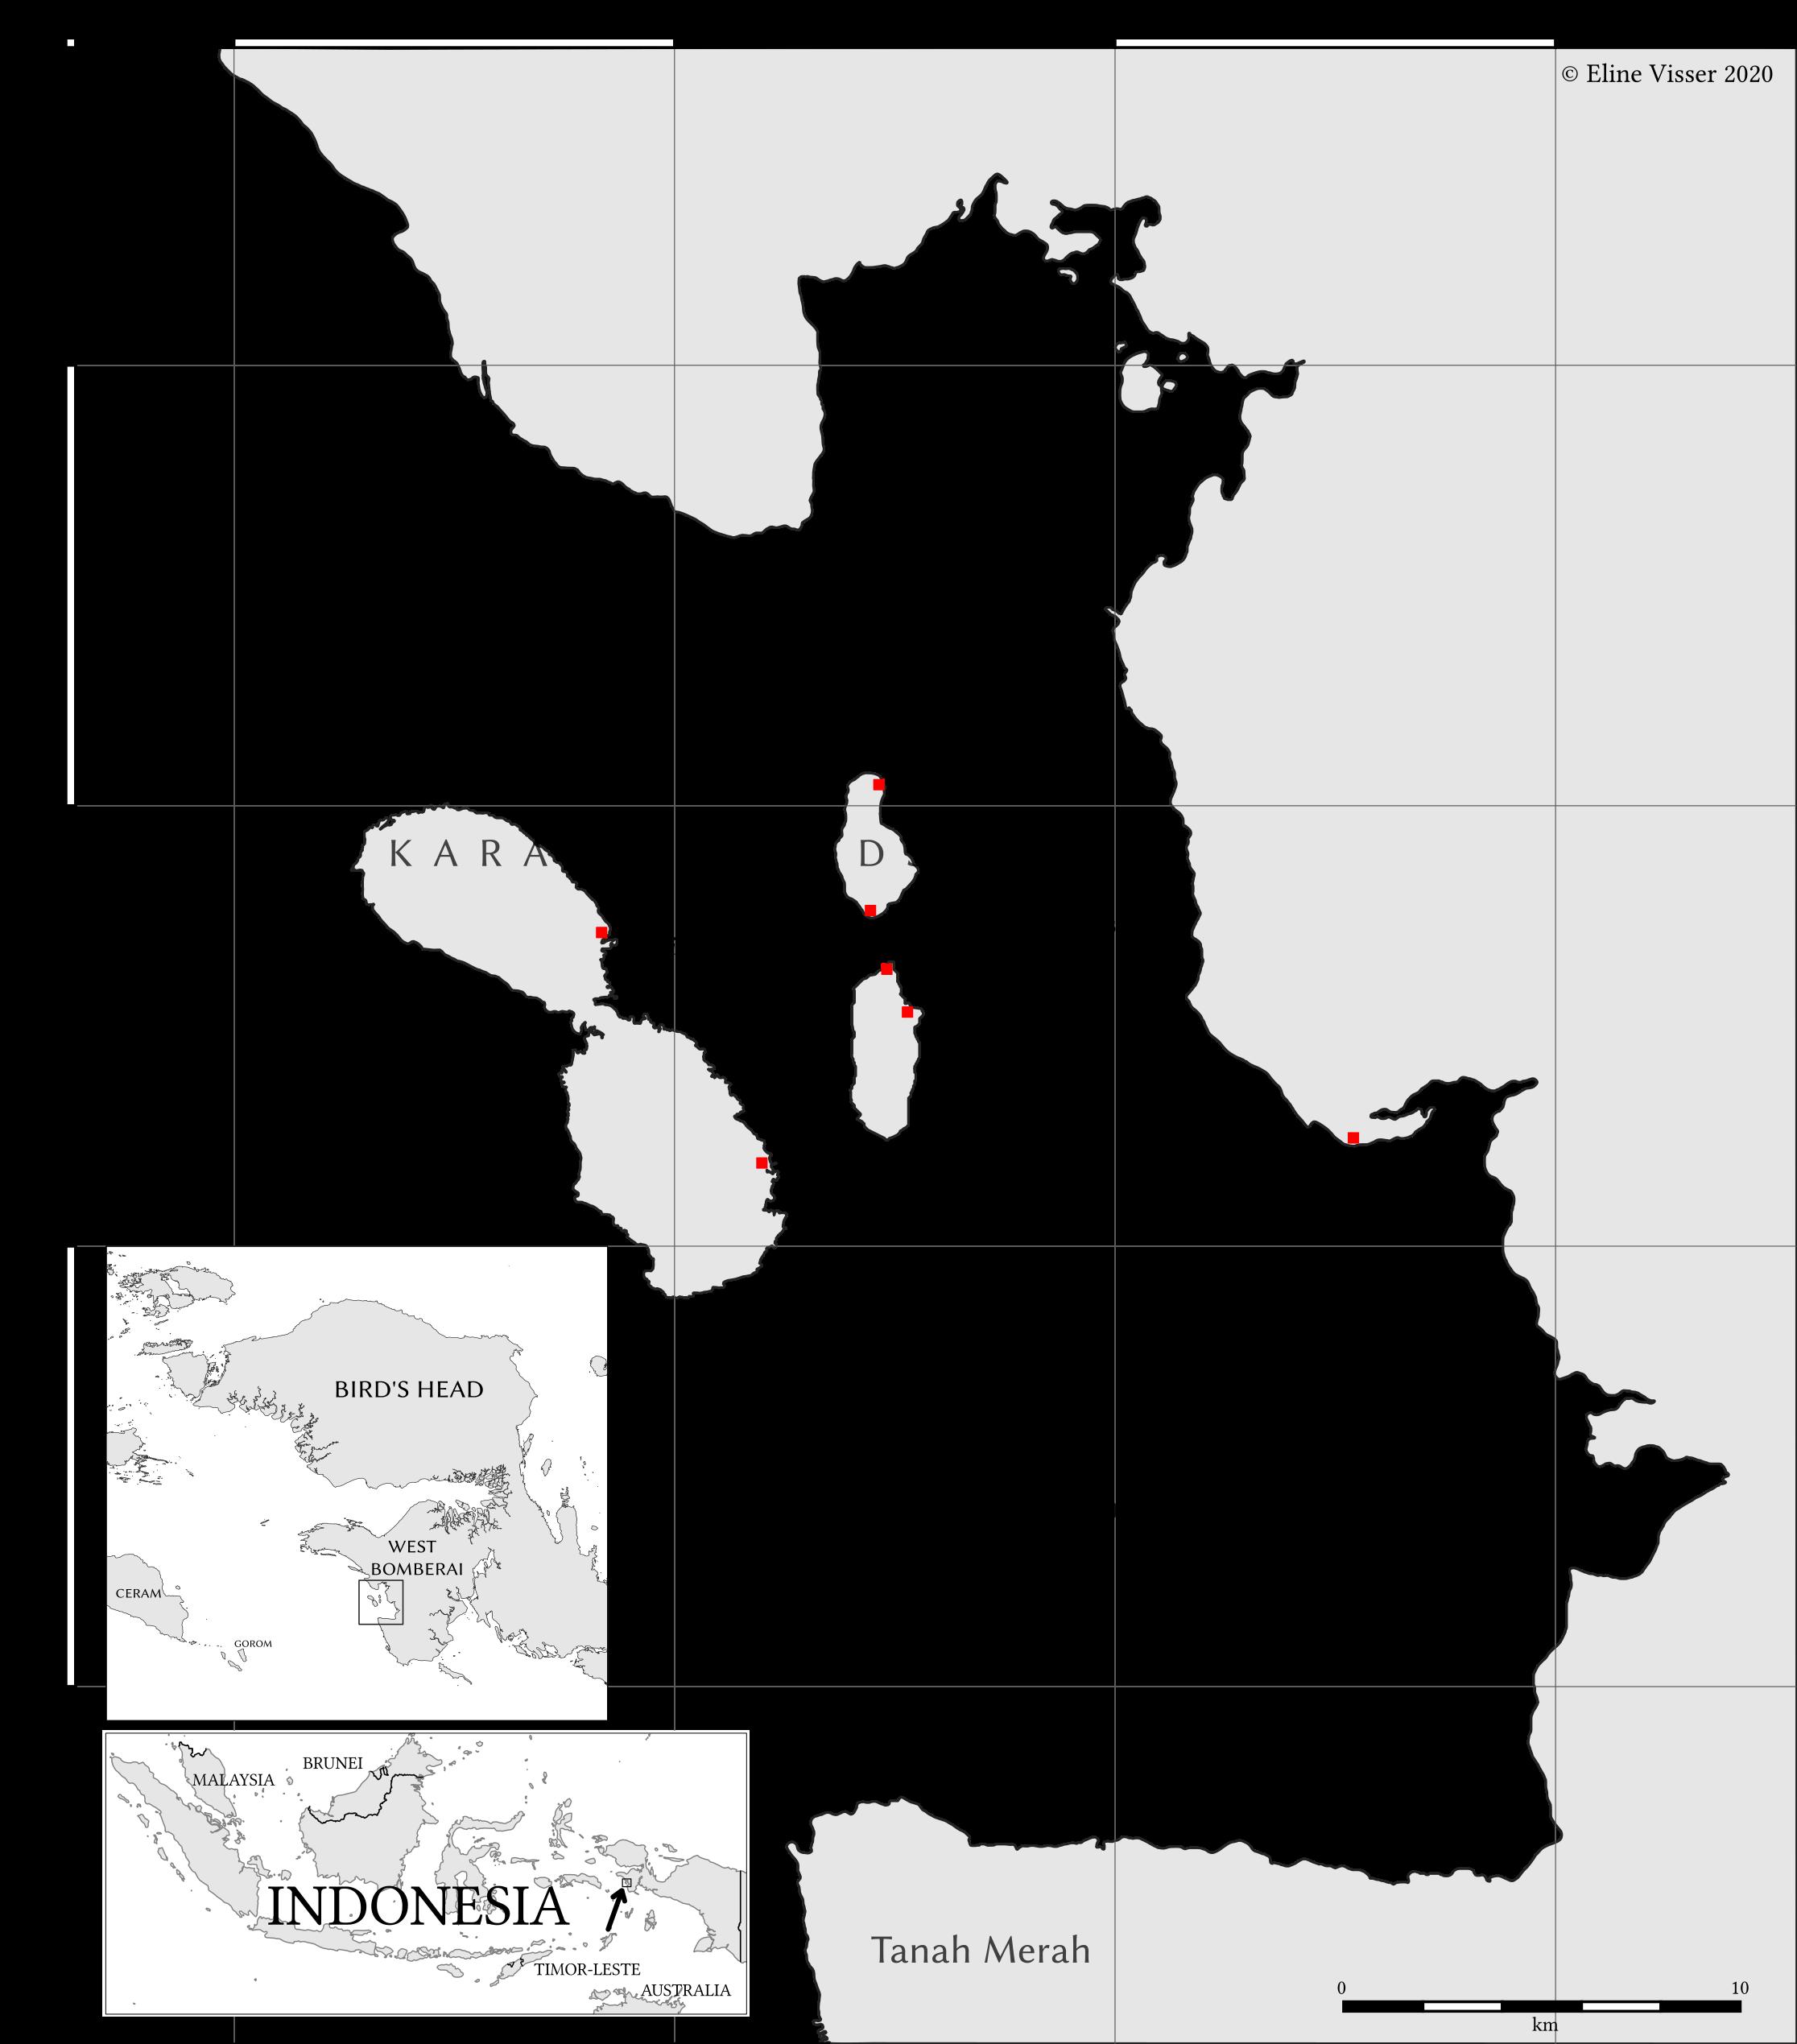 The Karas Islands